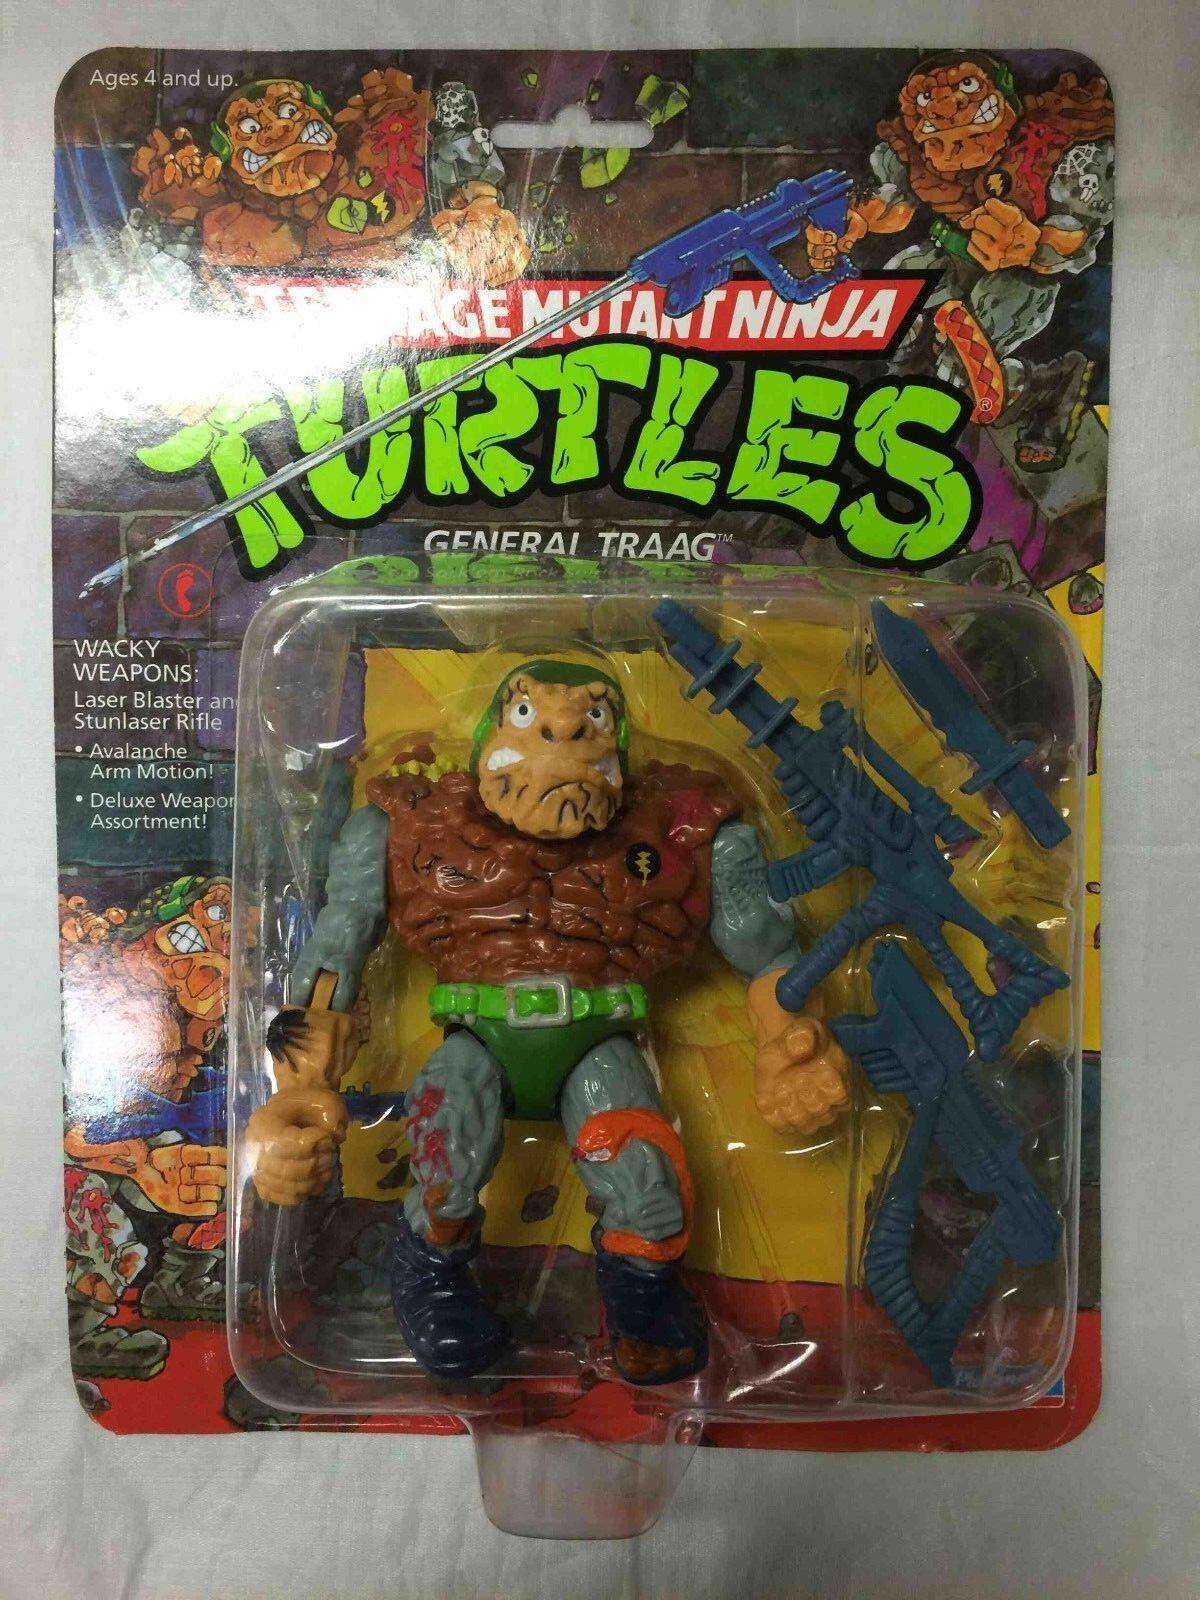 Teenage  Mutant Ninja Turtles Teenage Mutant Ninja Turtles General Traag figure Playmates 1989  achats en ligne de sport